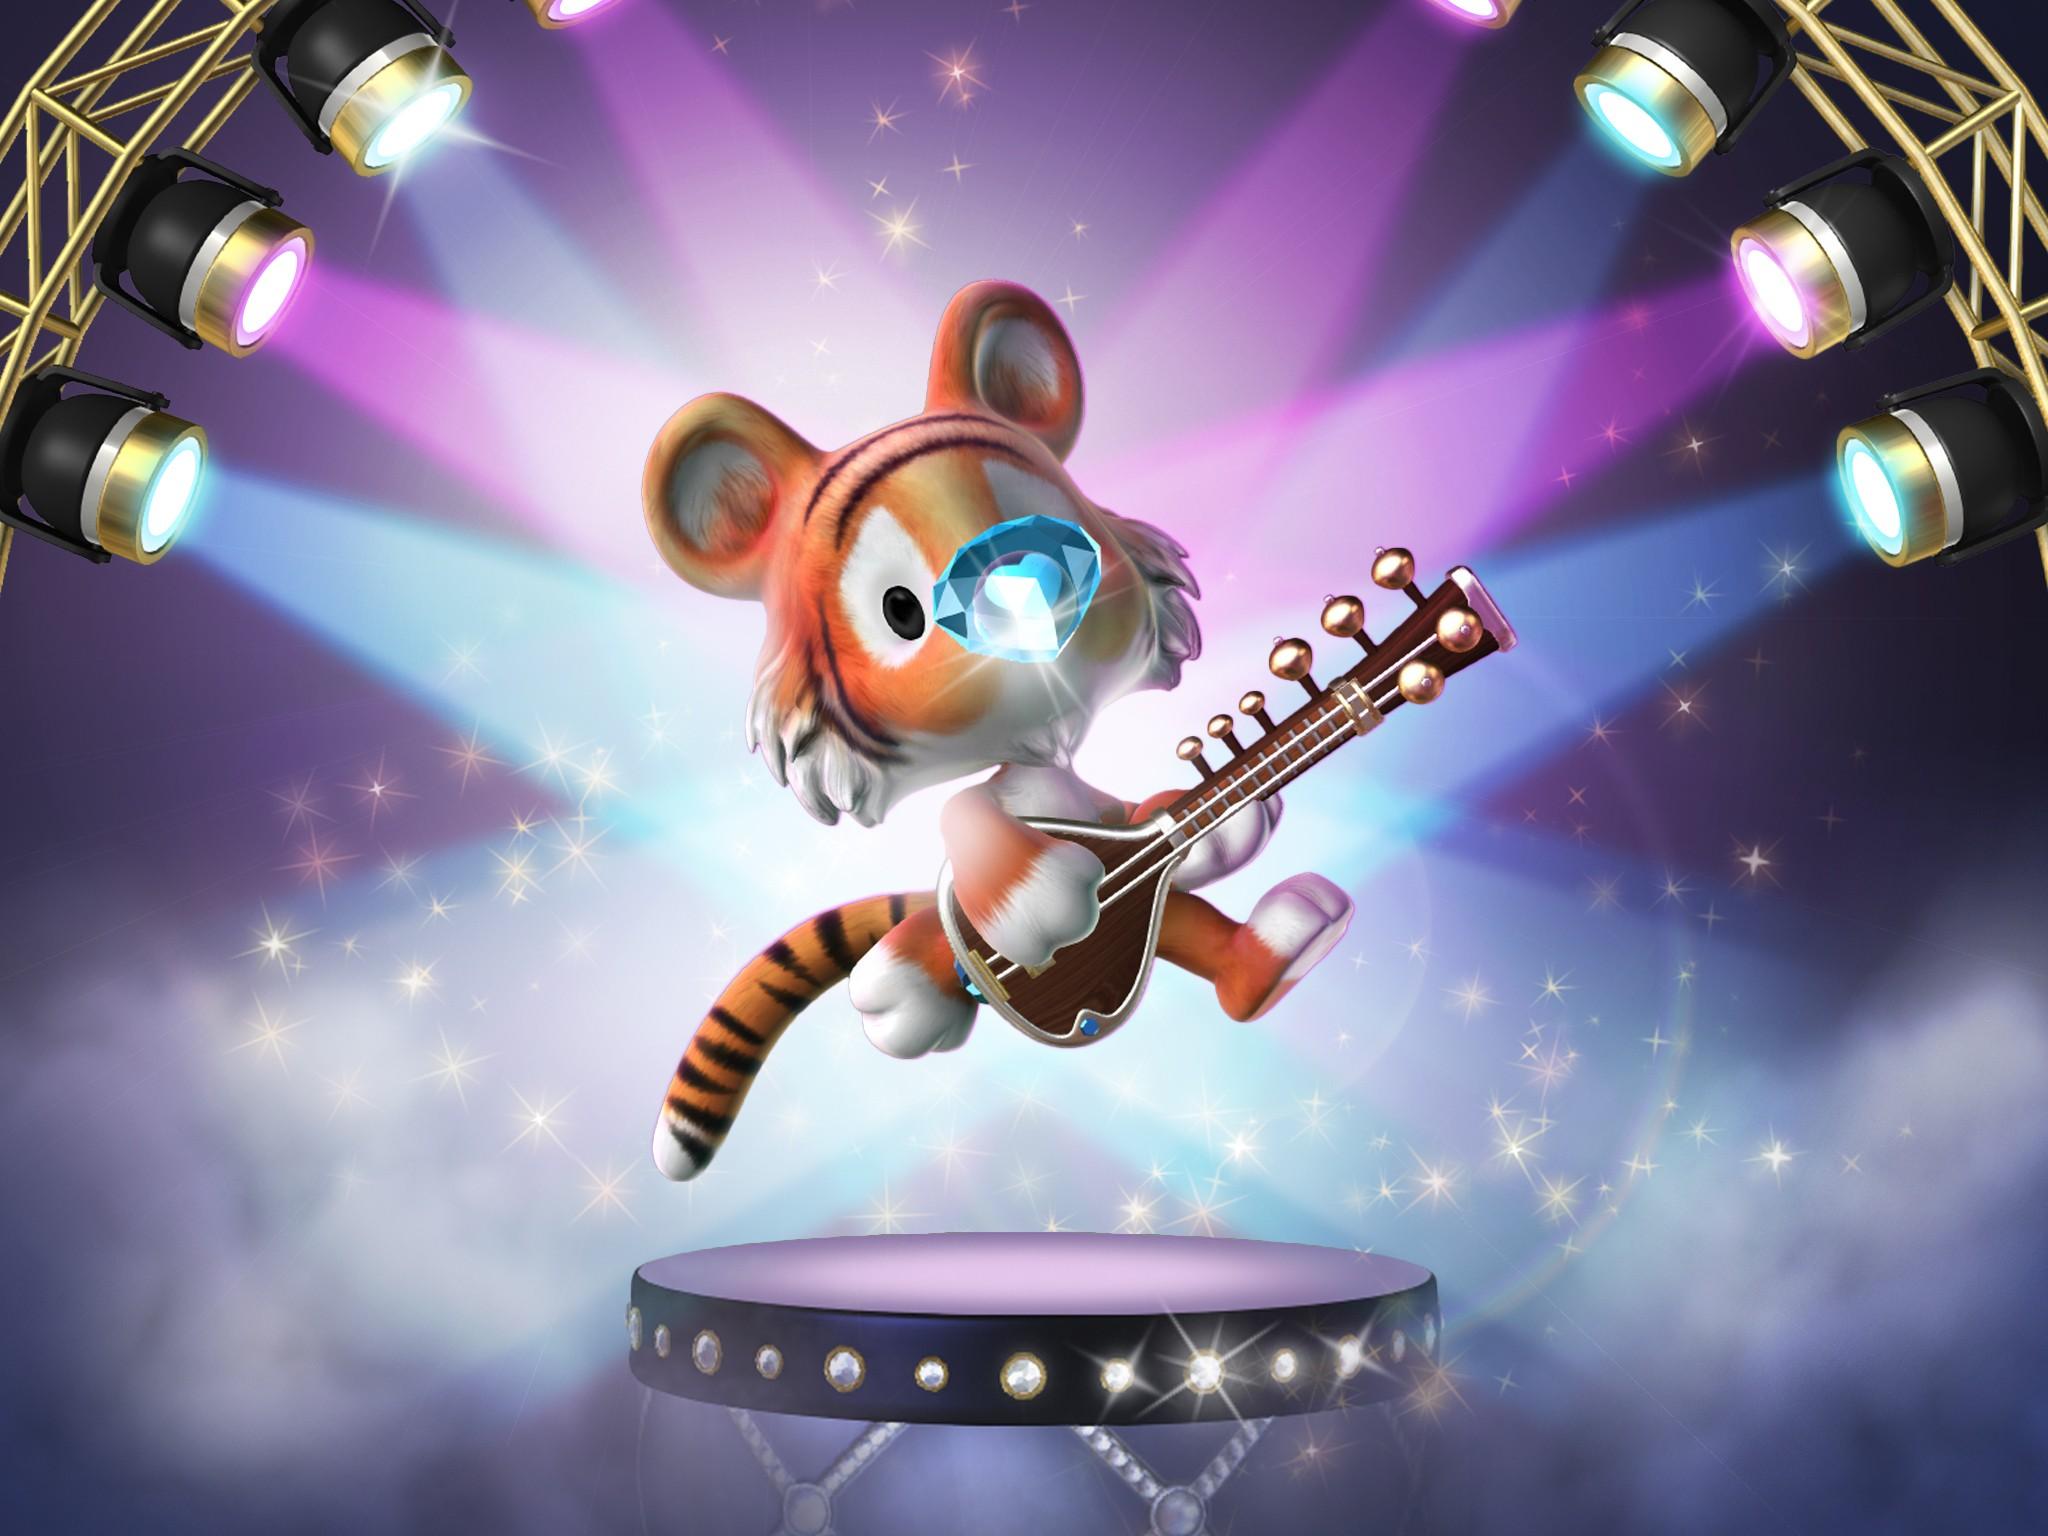 ファミリー向けのゲーム『Geminose: Animal Popstars』がNintendo Switchで発売決定!